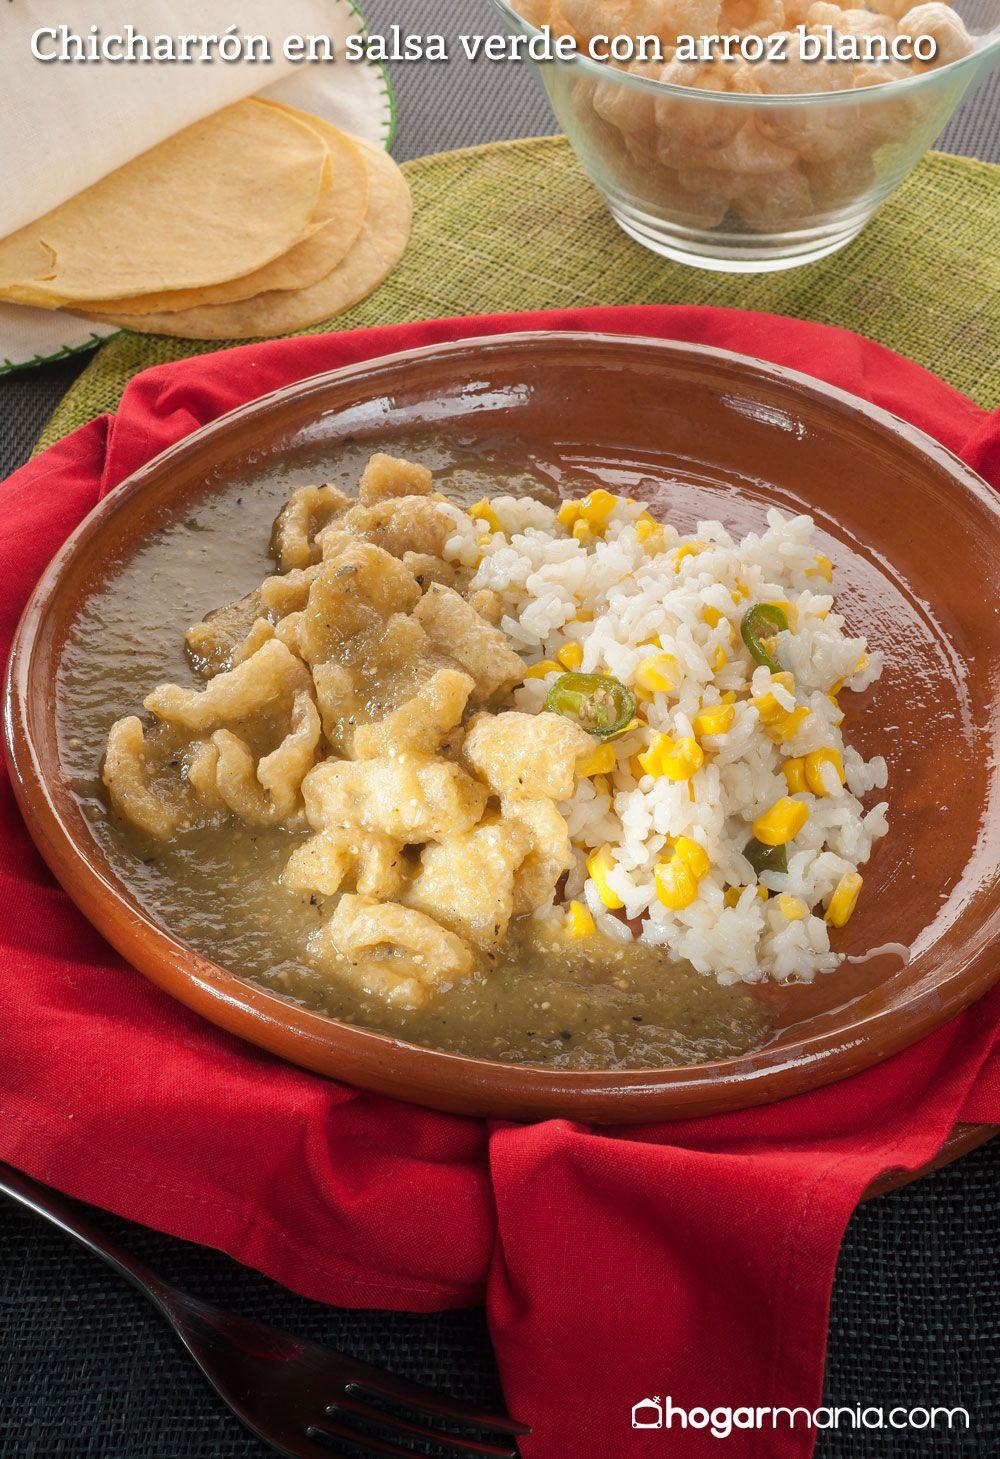 Chicharrón en salsa verde con arroz blanco